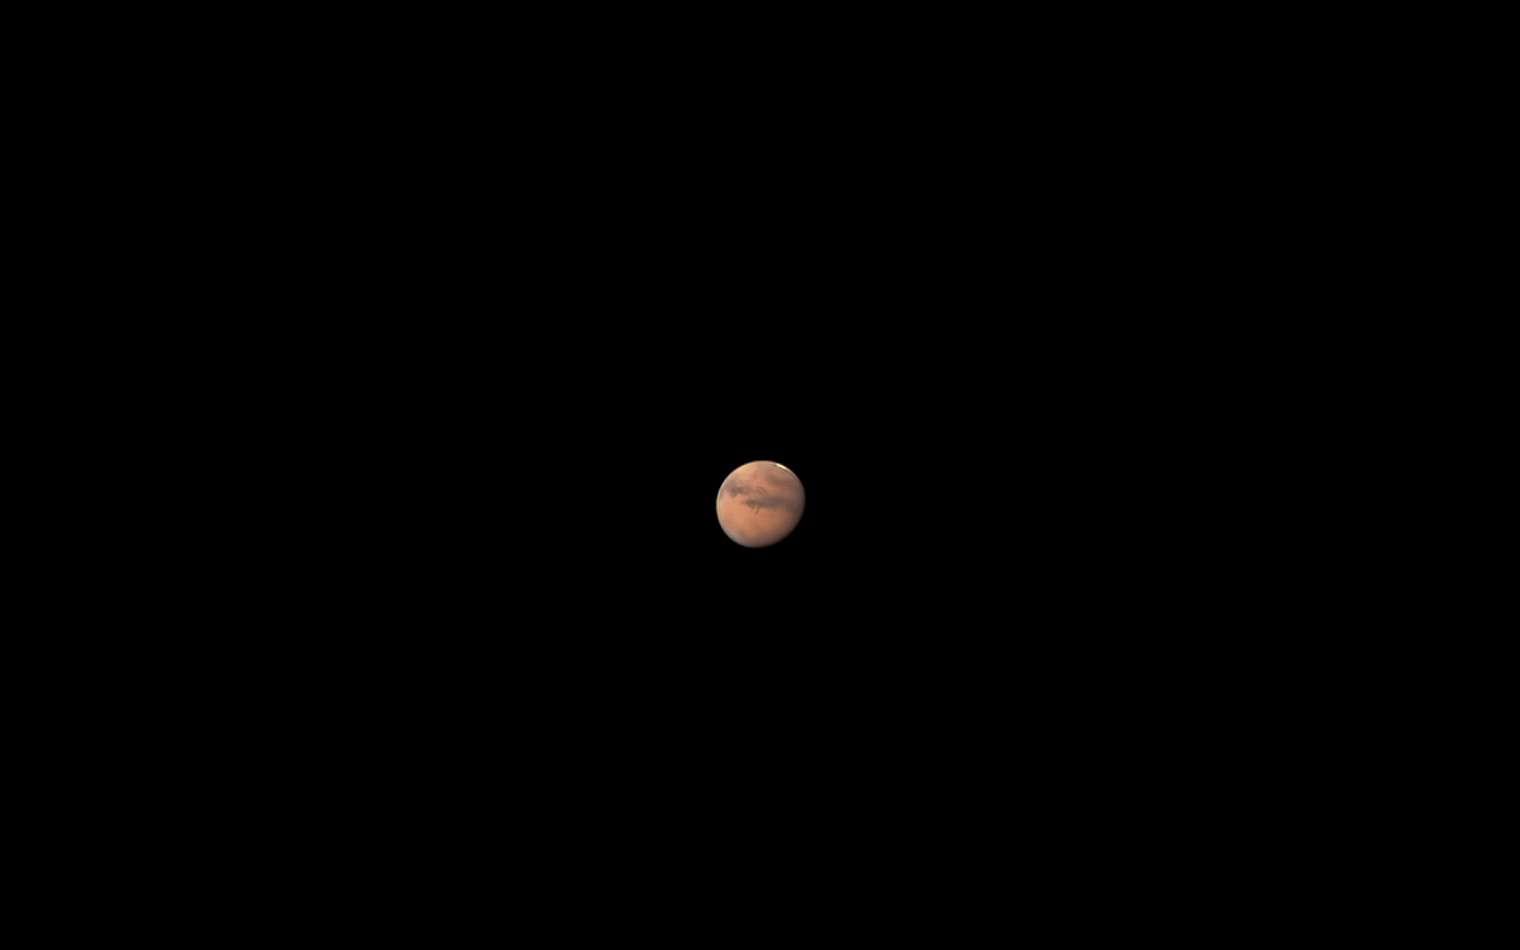 Superbe photo prise à la fin de l'occultation de Mars par la Lune, le 6 septembre dernier. © David Duarte, Romualdo Caldas, Apod (Nasa)